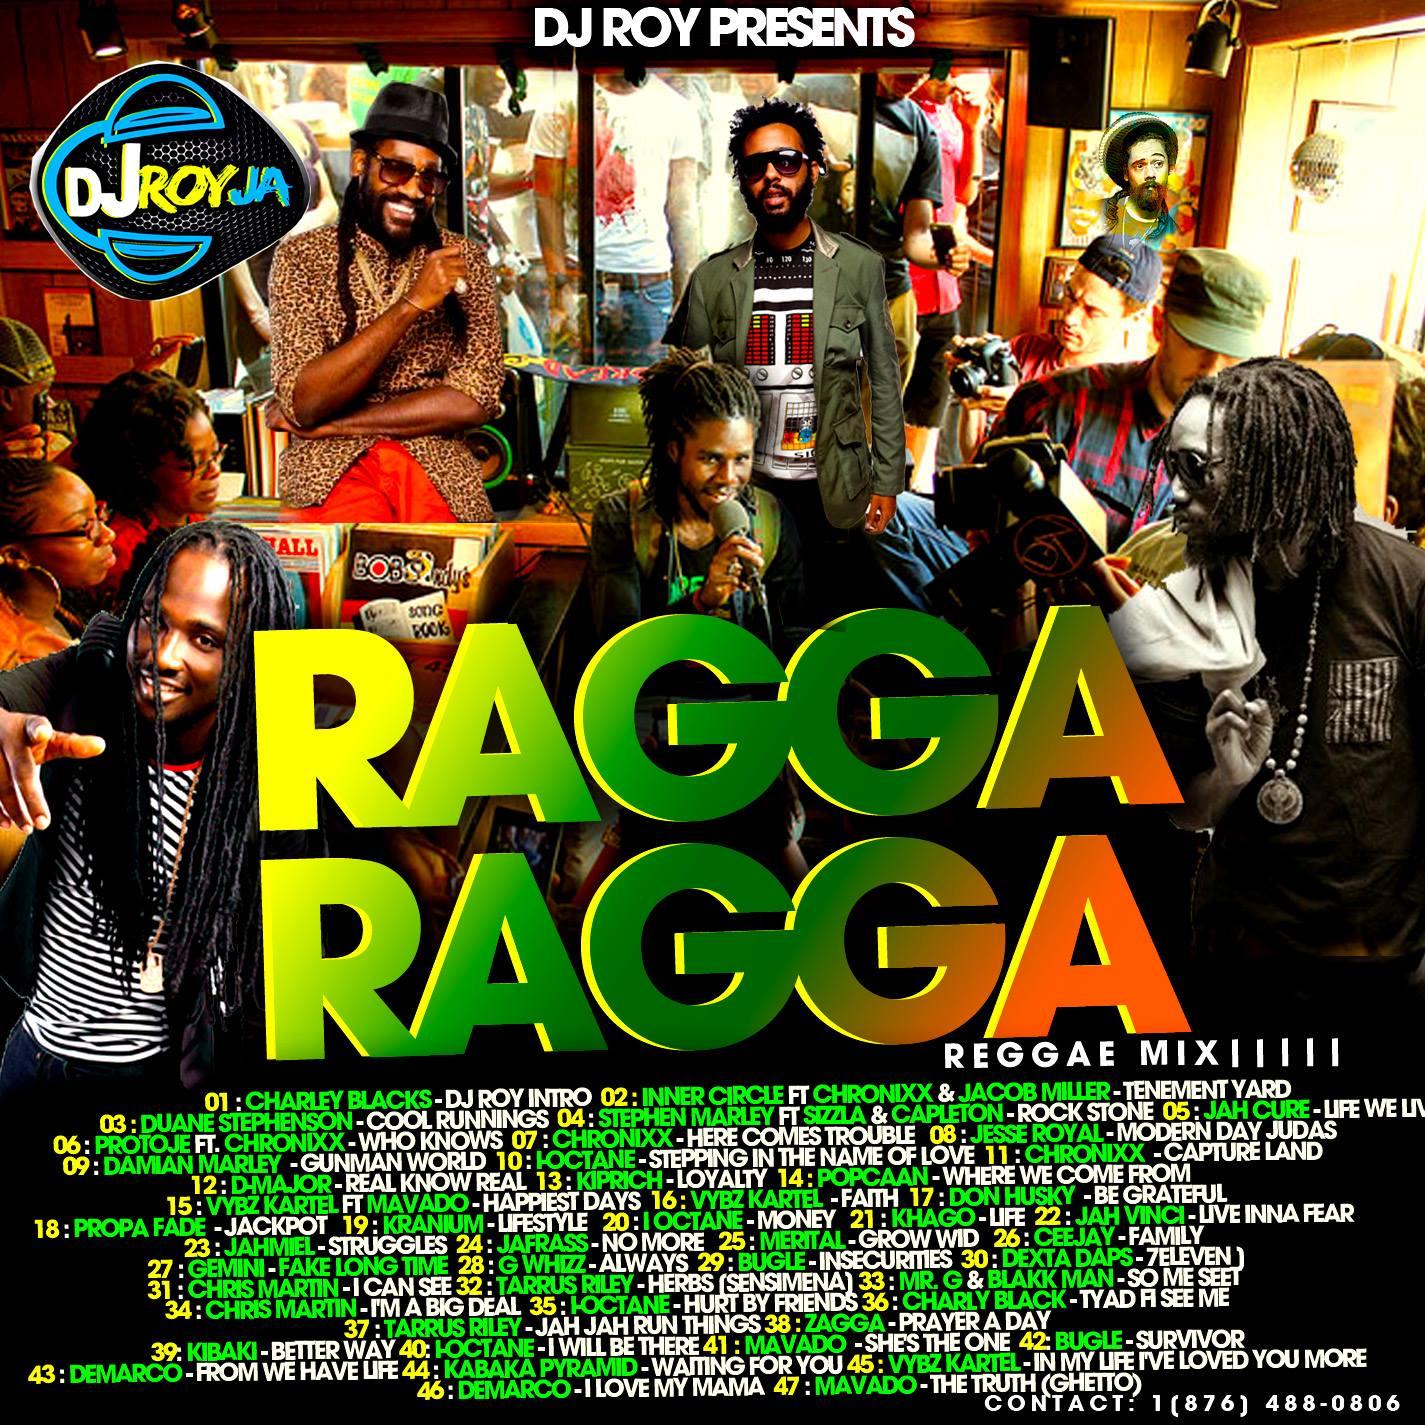 DJROYMIXTAPE : DJ ROY RAGGA RAGGA REGGAE MIX VOL 1